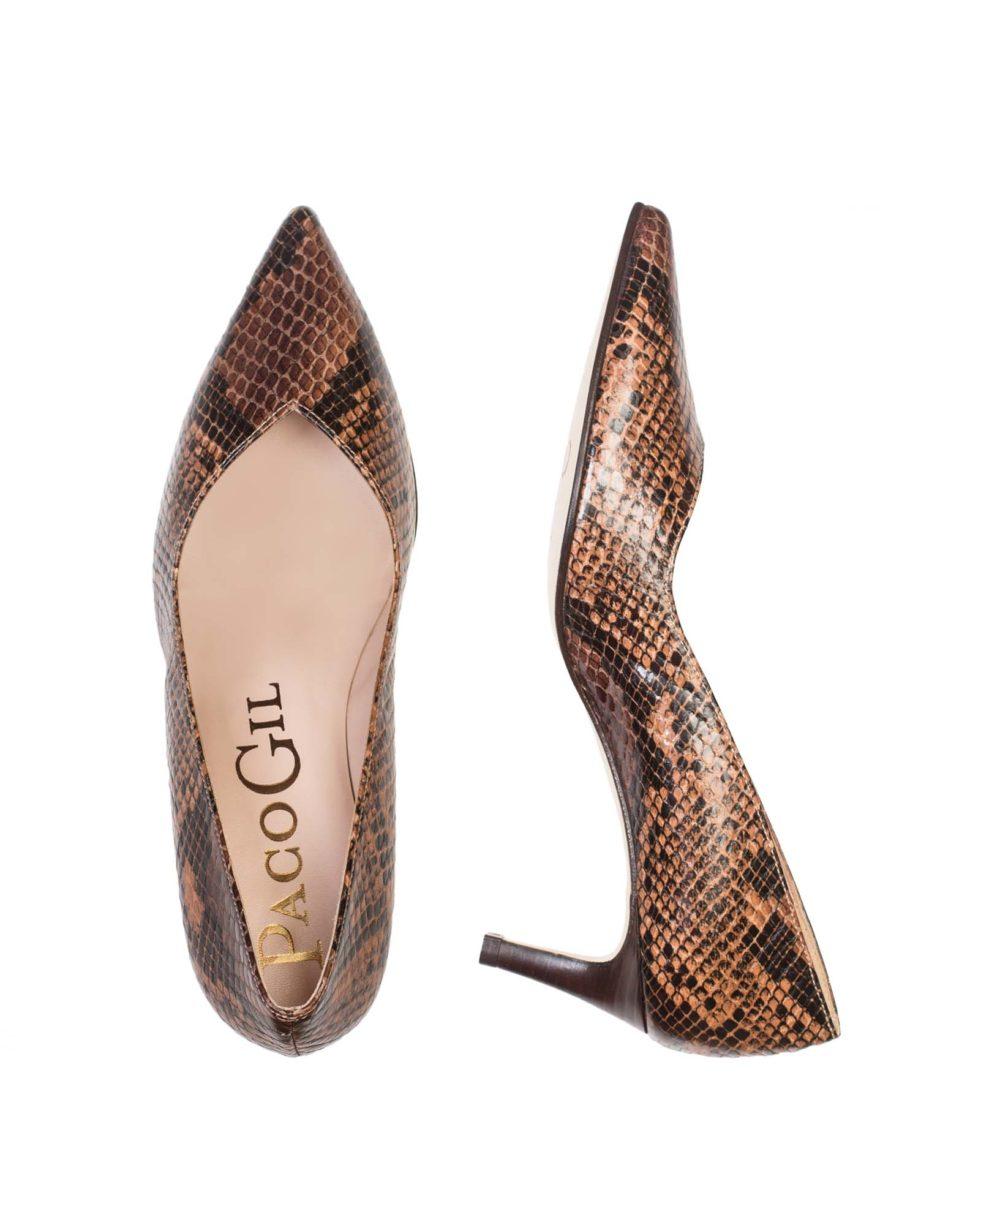 Zapatos de salón Paco Gil en serpiente marrón, tacón bajo